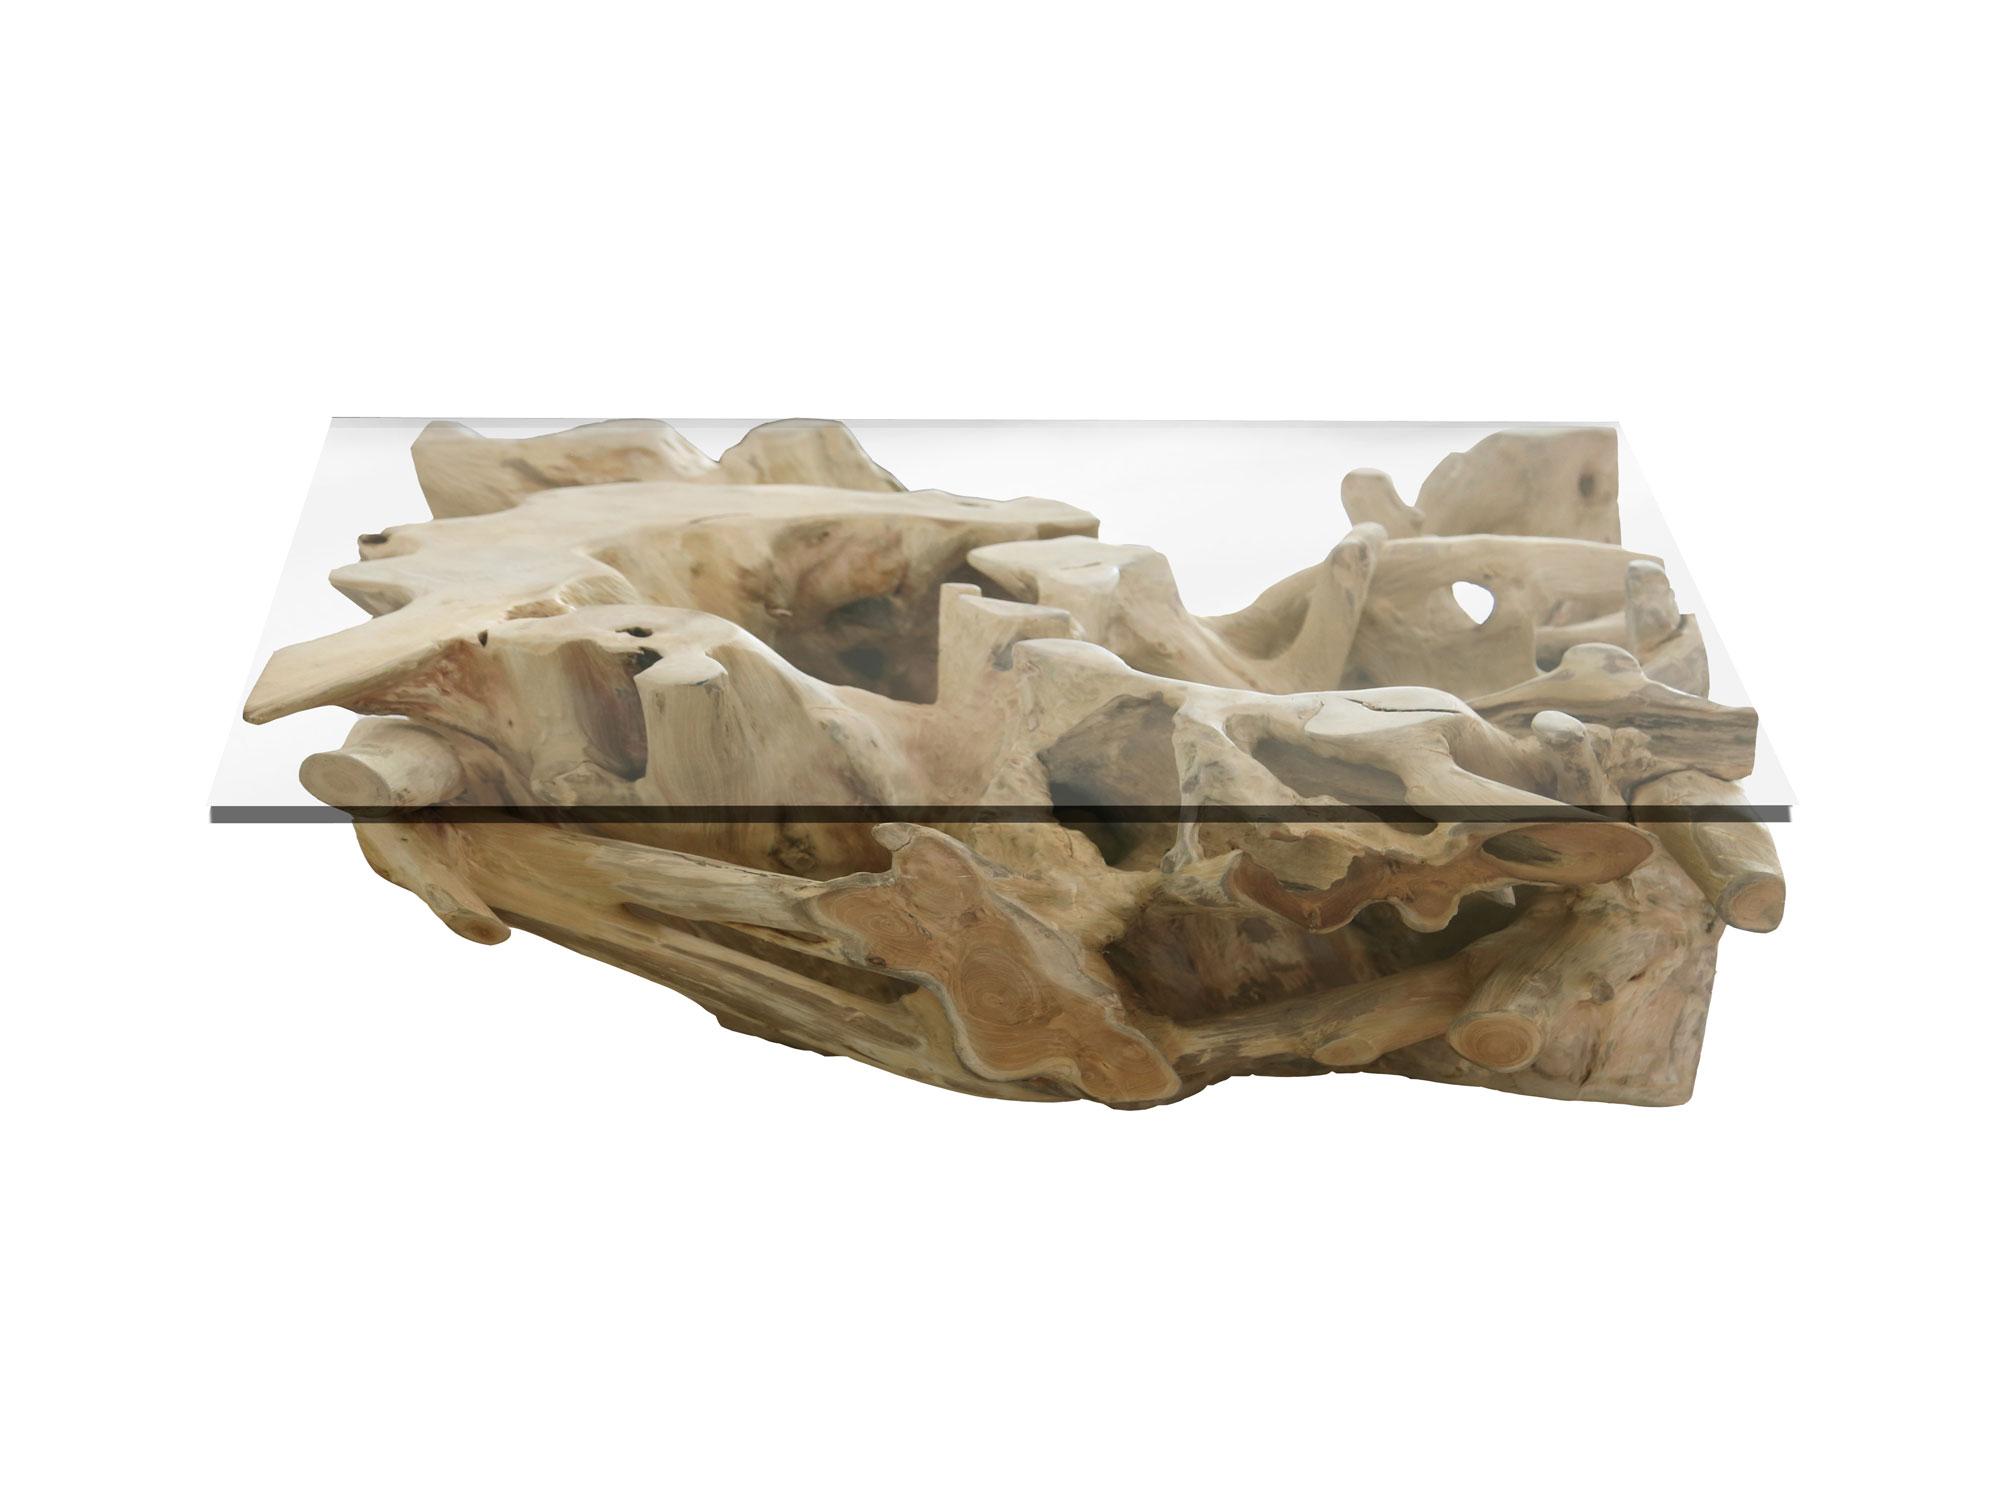 glasplatte 80 x 120 wohnzimmertisch antik couchtisch teak wurzelholz glasplatte 120 x 80 cm. Black Bedroom Furniture Sets. Home Design Ideas